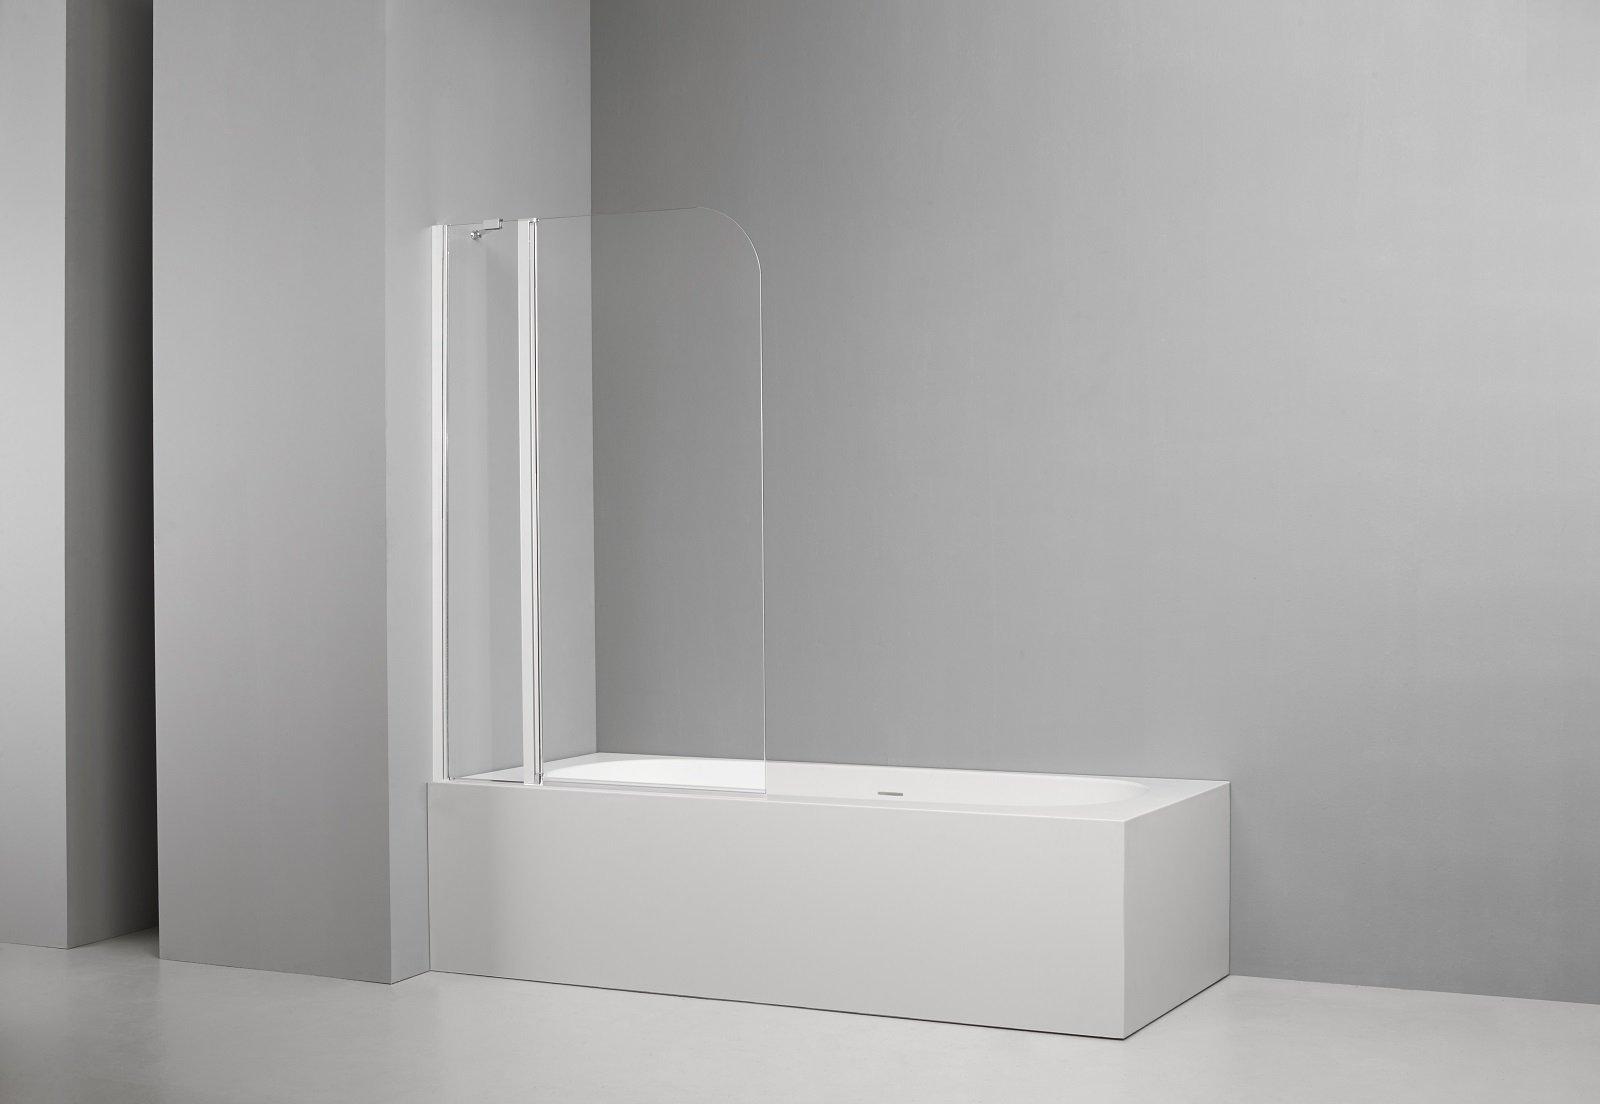 Pareti Per Doccia In Vetro : Nei bagni di piccole dimensioni la vasca diventa multifunzione e si